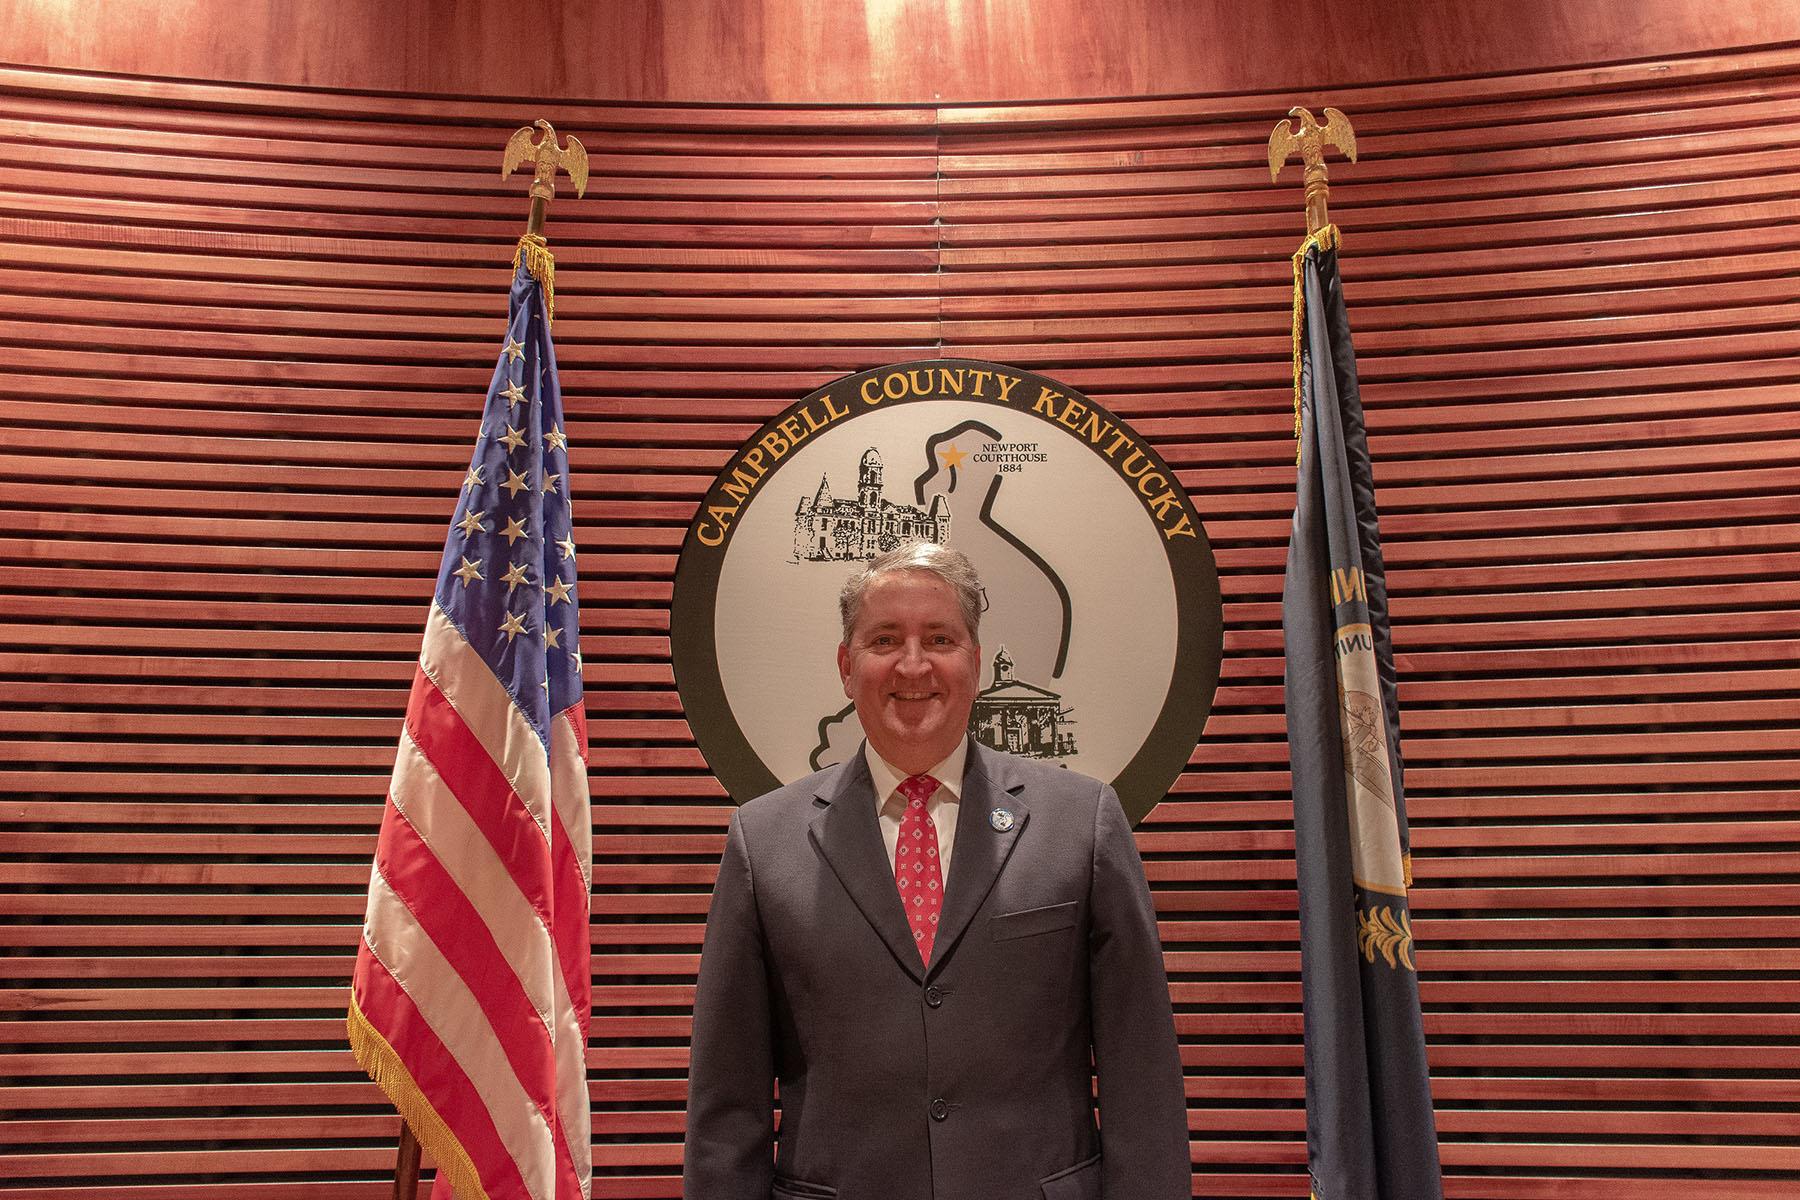 Commissioner Tom Lampe